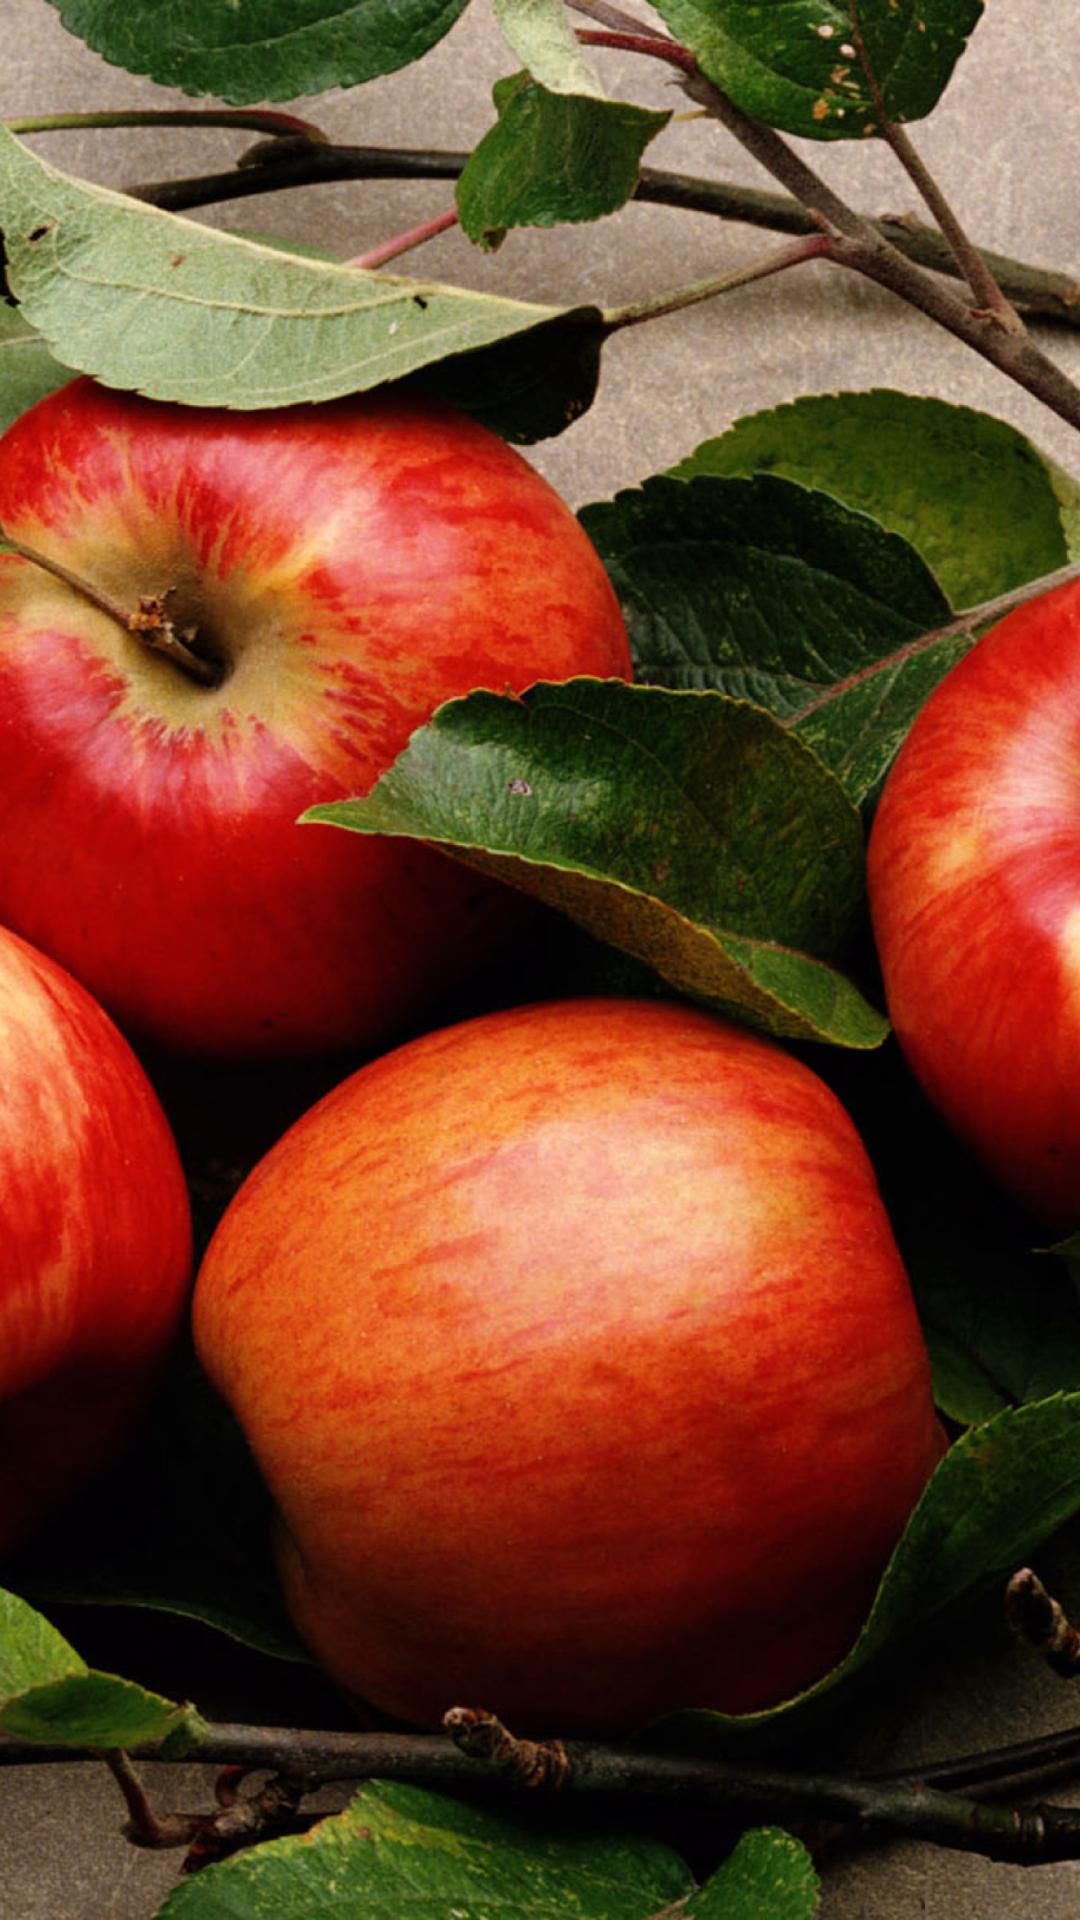 картинки телефона яблока самых смешных